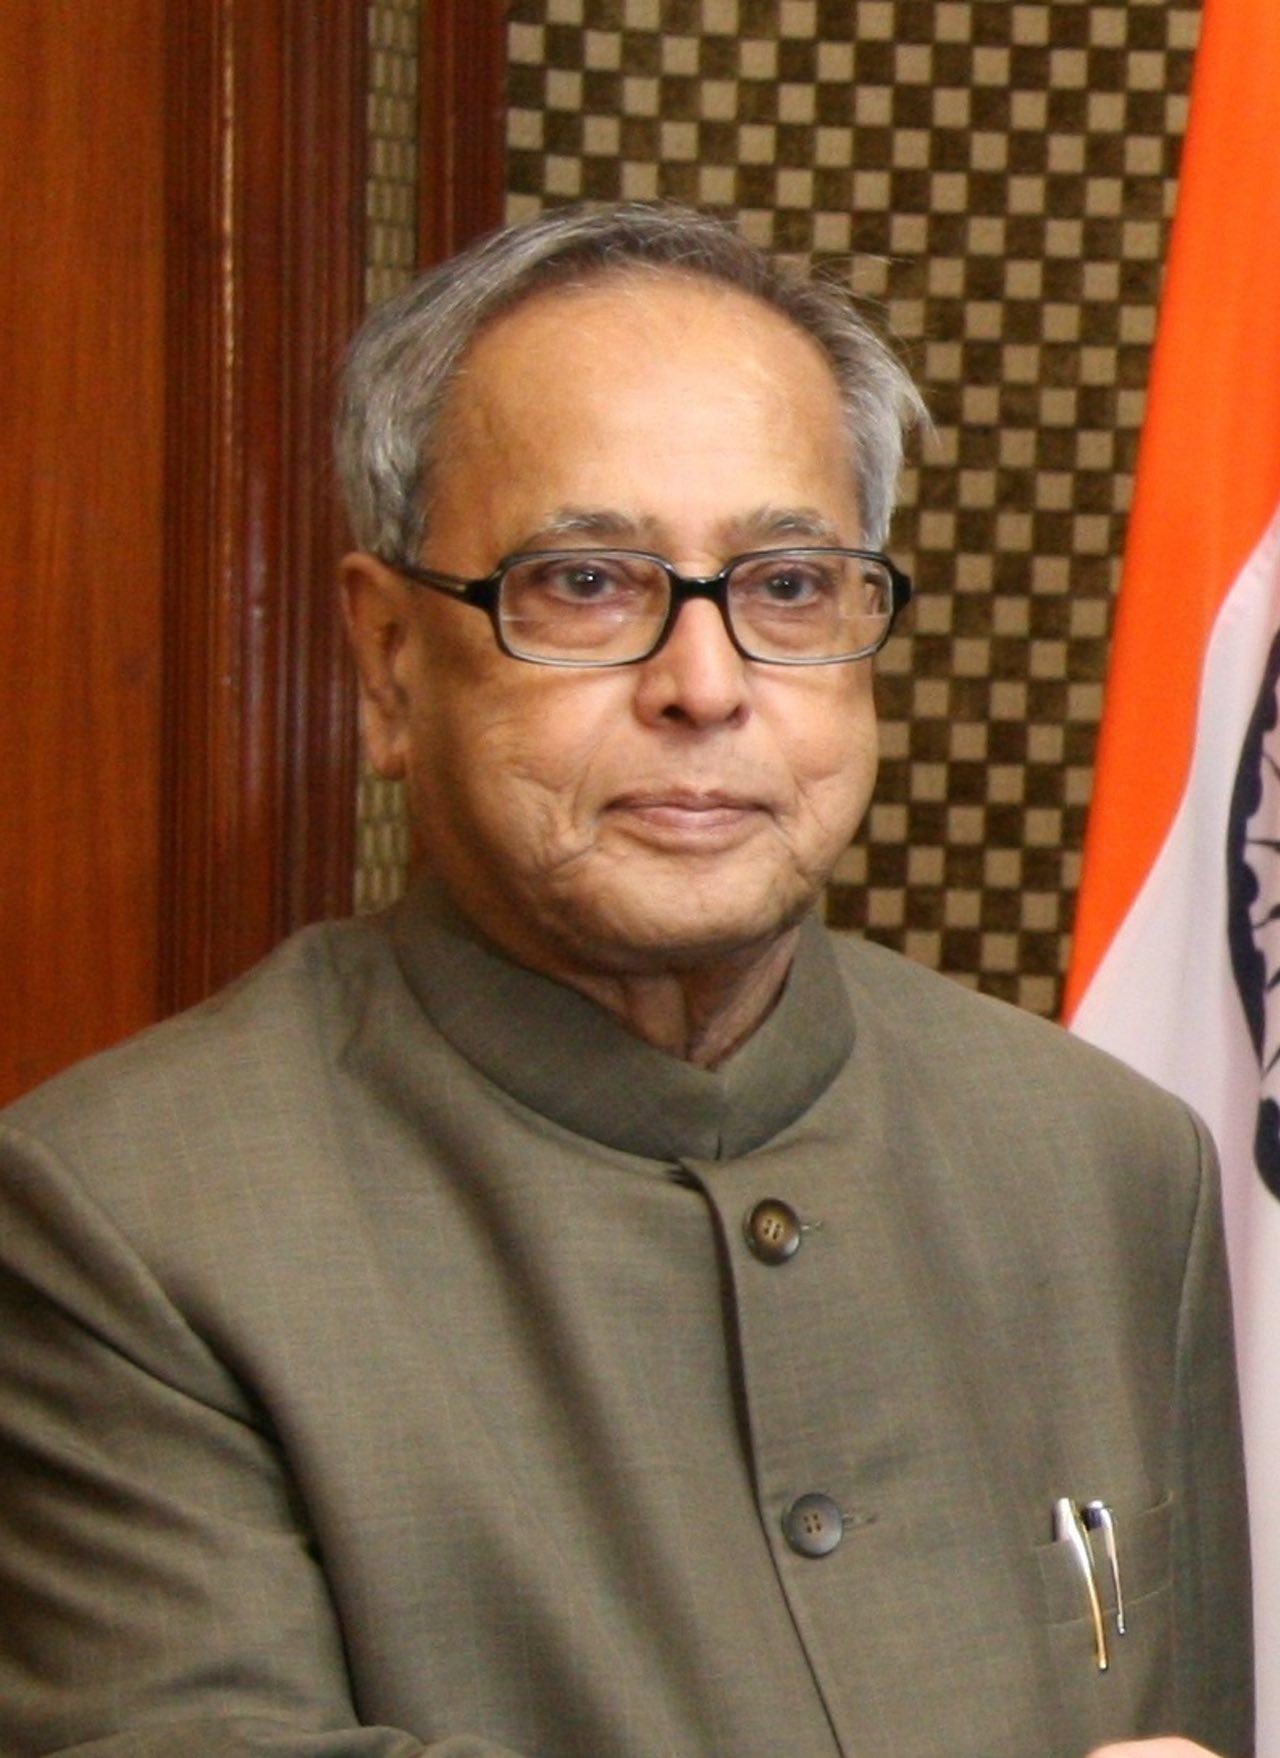 Őexcellenciája Pranab Mukherjee, India elnöke (c) USA Nagykövetsége Delhiben